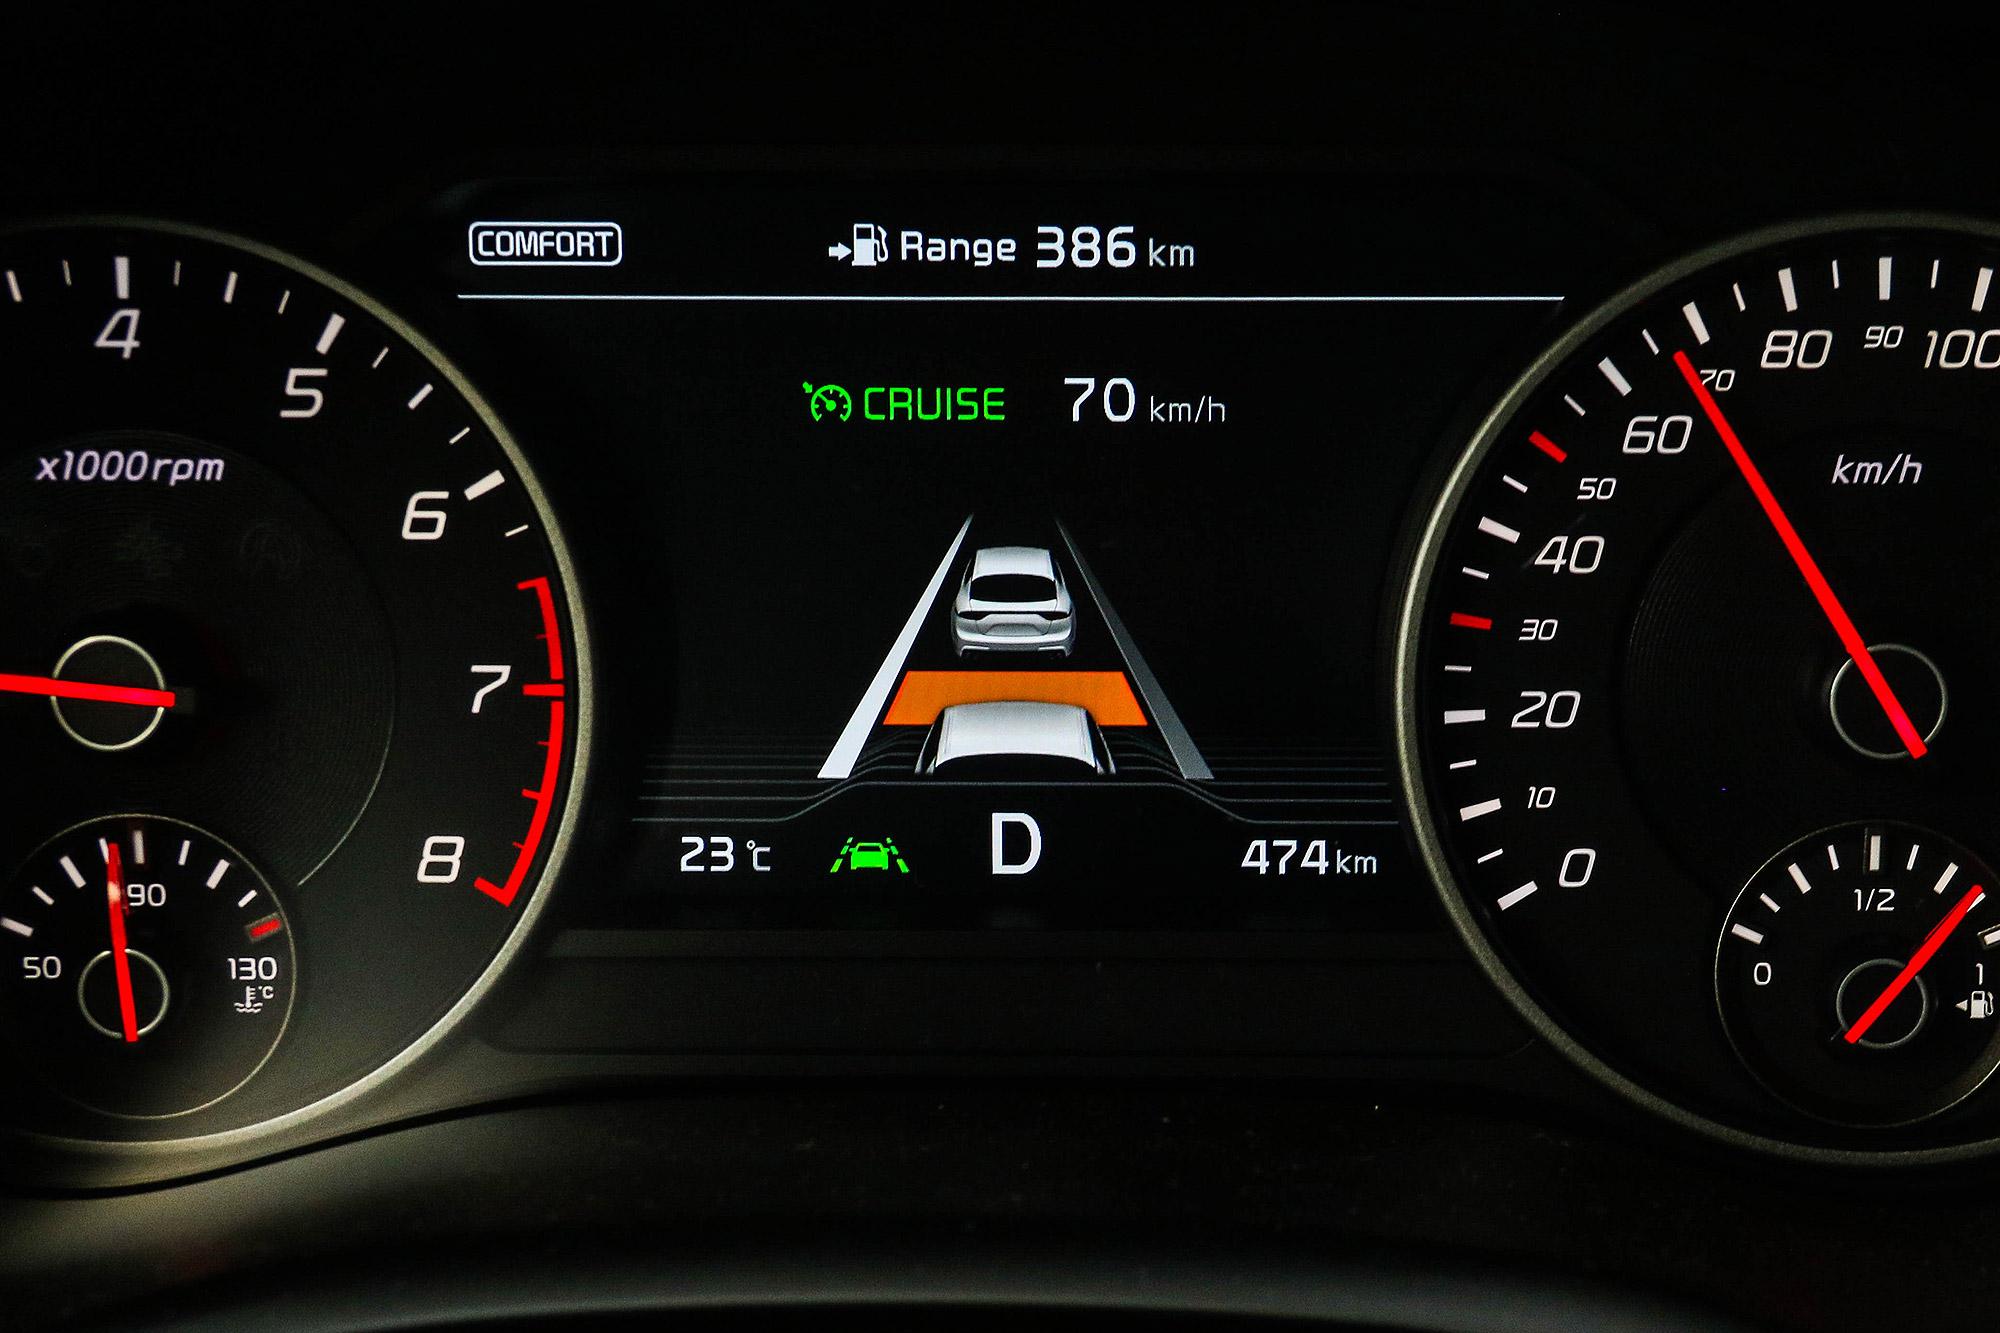 具備 SAE Level 2 等級的半自動駕駛輔助系統,是這次 Stinger 年式更新的重點。